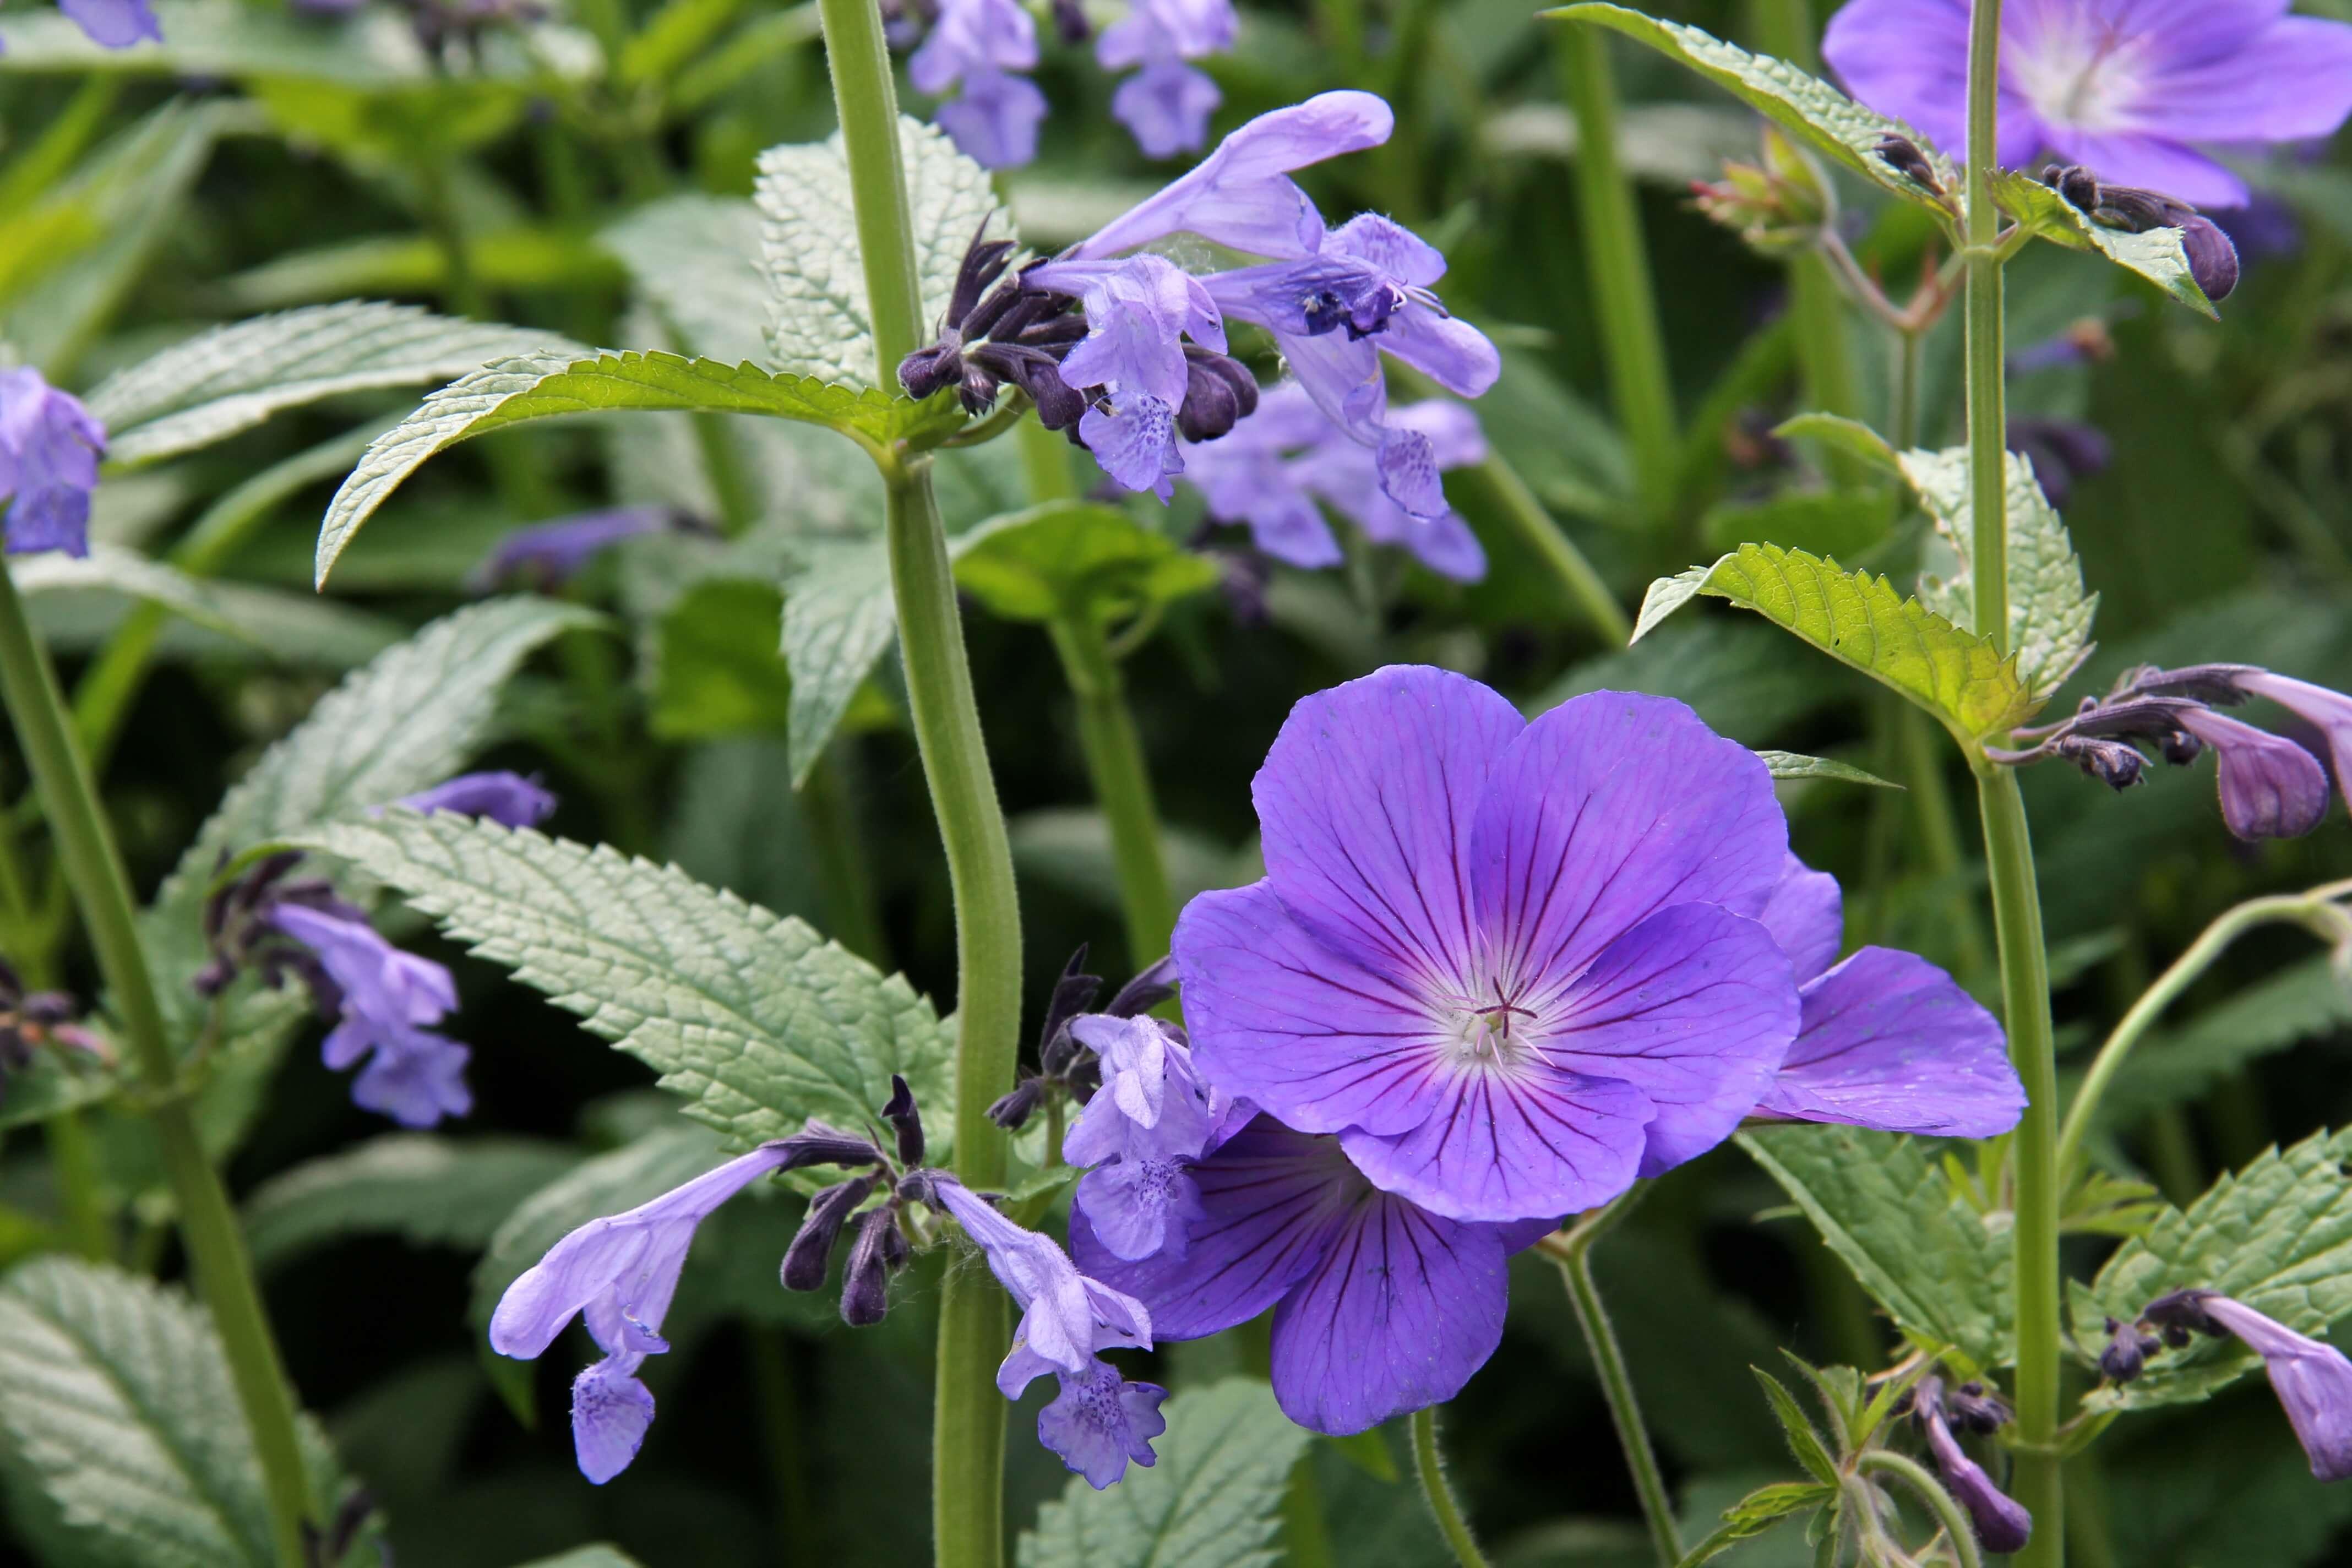 Vaste Planten Tuin : Vaste planten gebruiken in je tuin